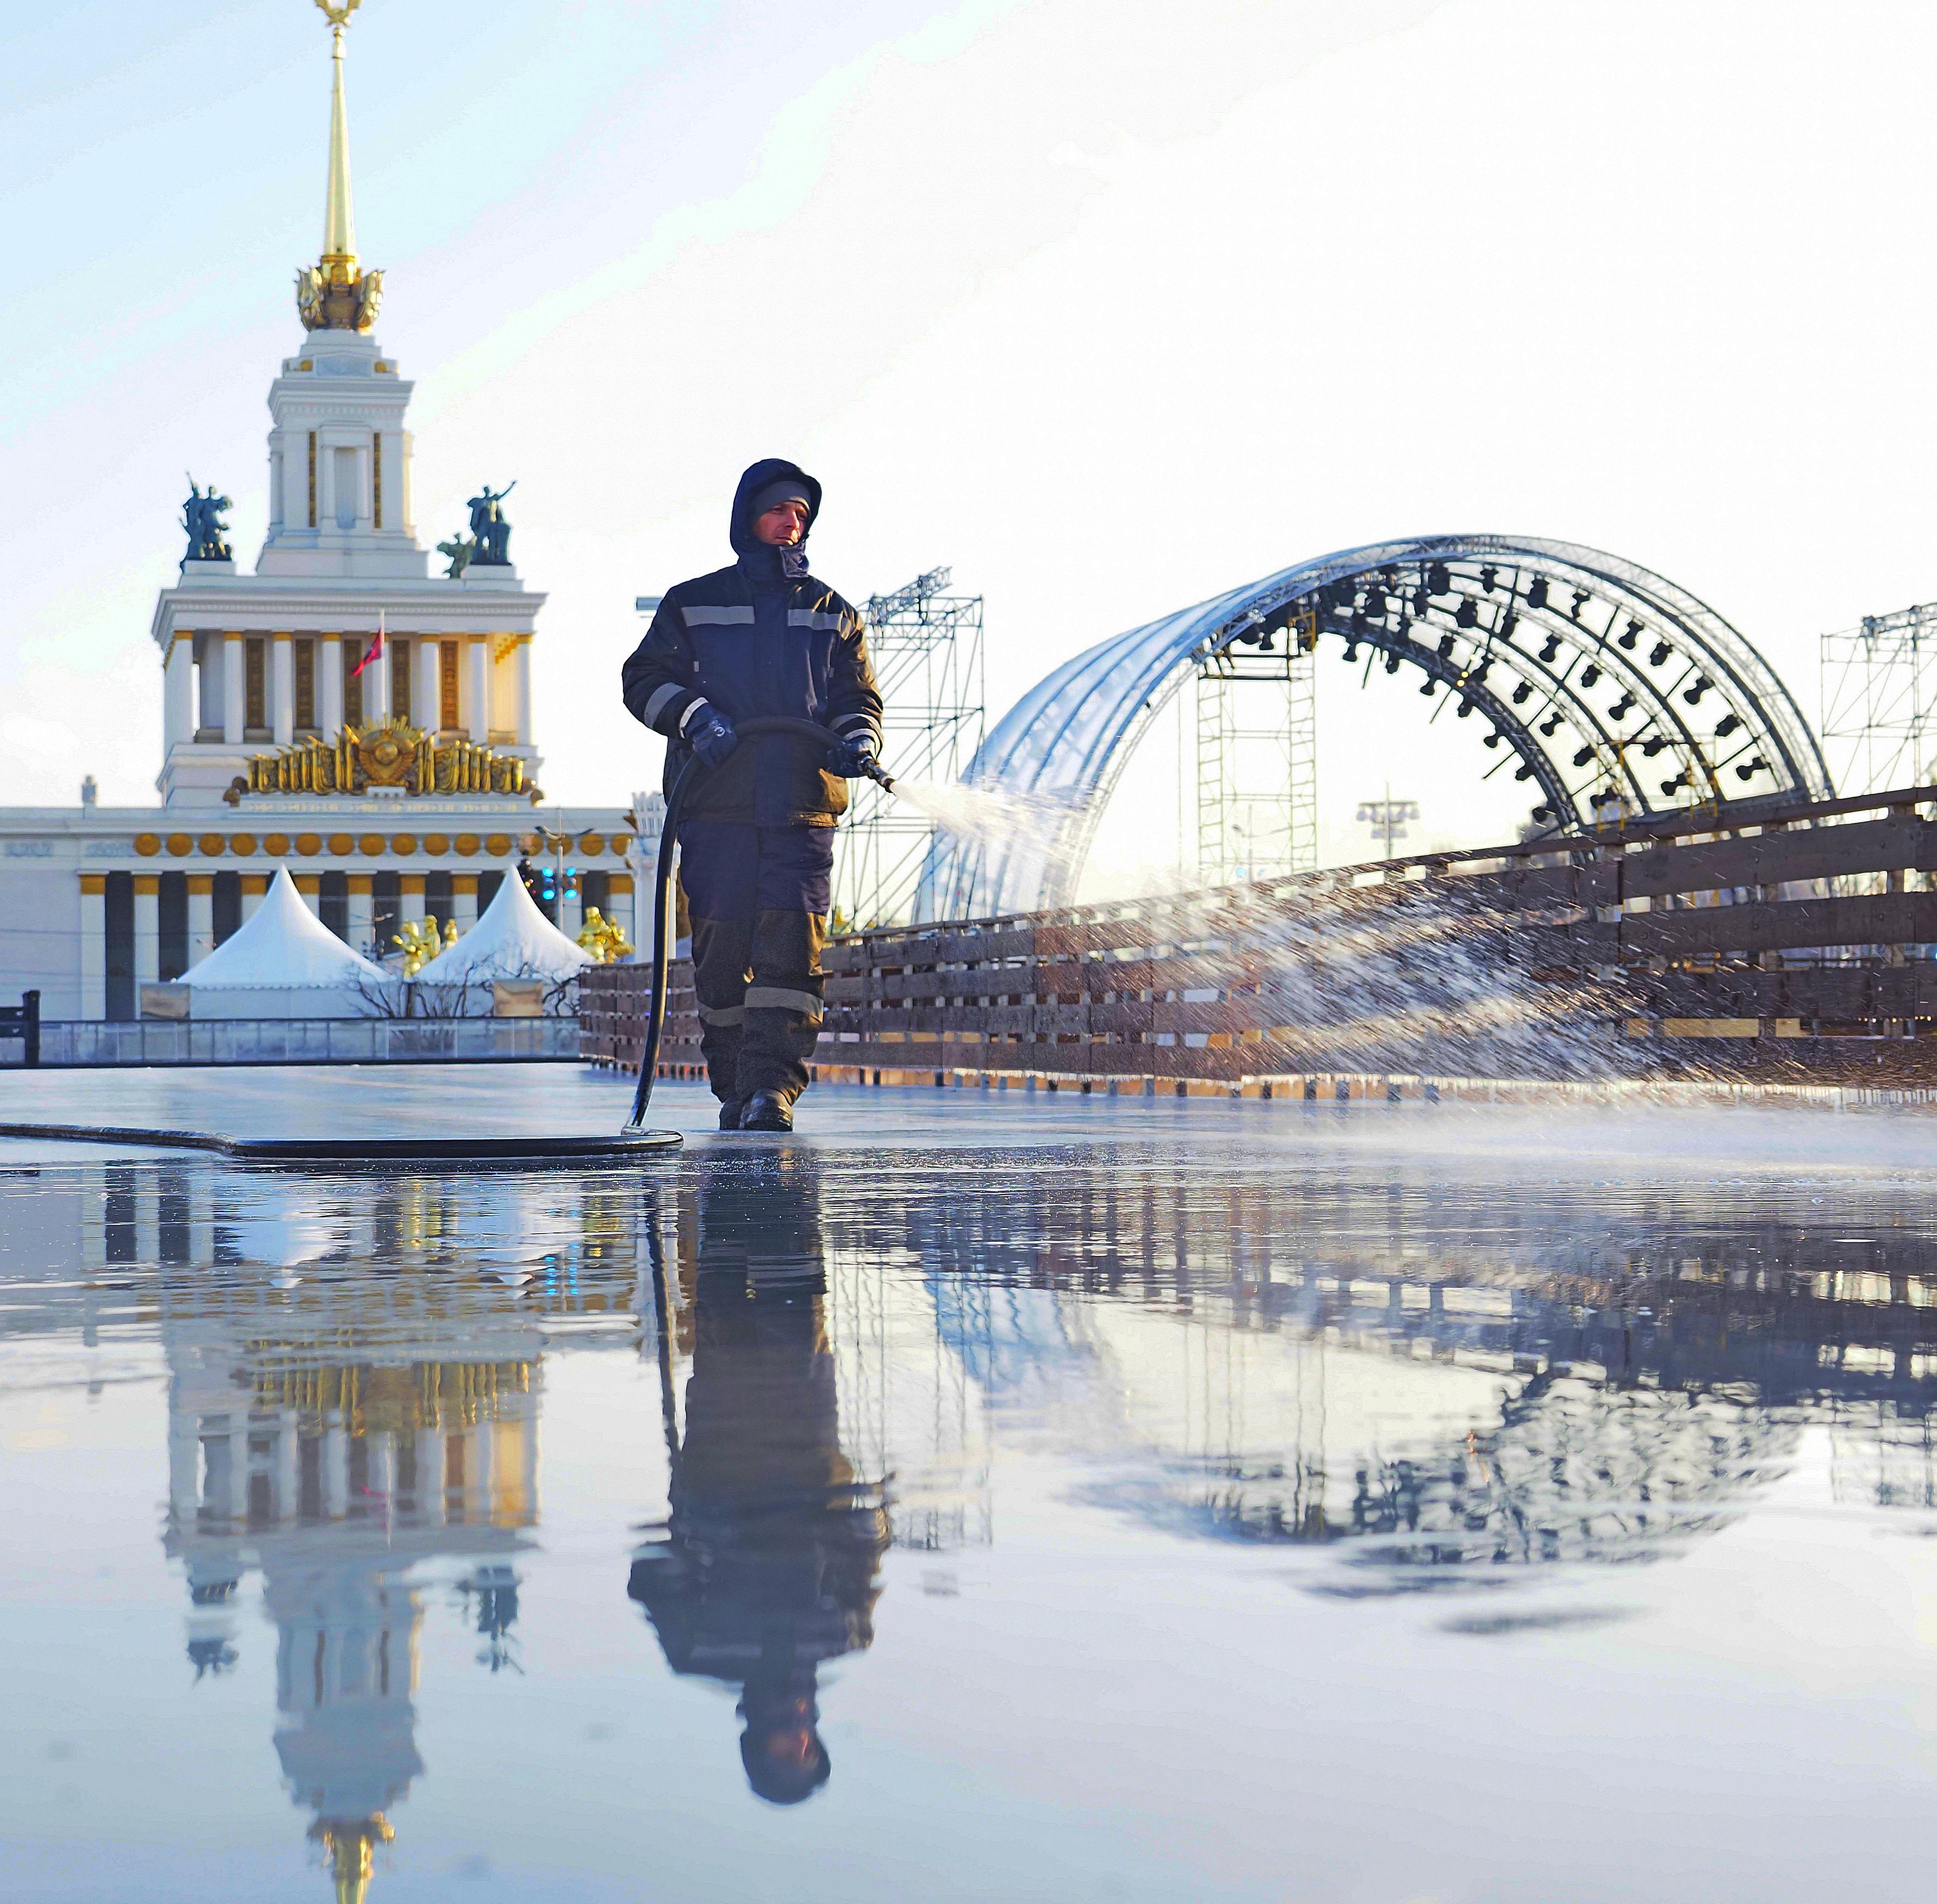 Депутат Мосгордумы Игорь Бускин: ВДНХ вновь стала лучшим местом для отдыха в северной части Москвы